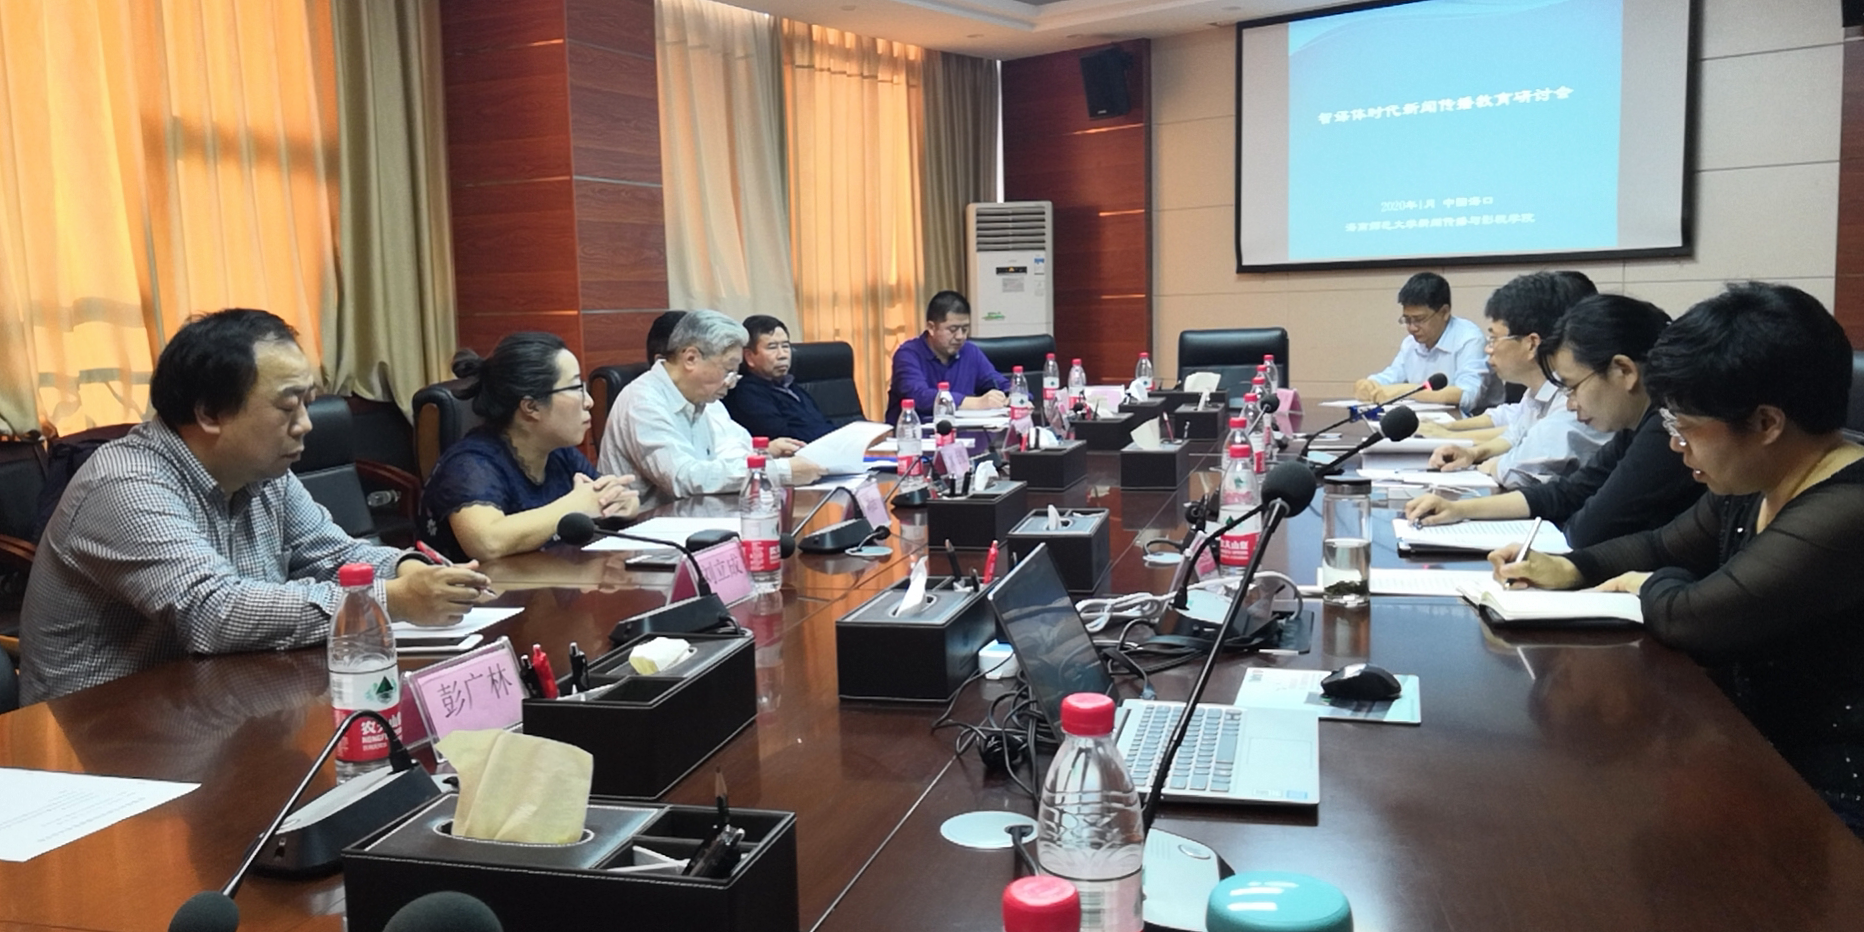 智媒体时代新闻传播教育研讨会成功在356亚洲版体育投注召开